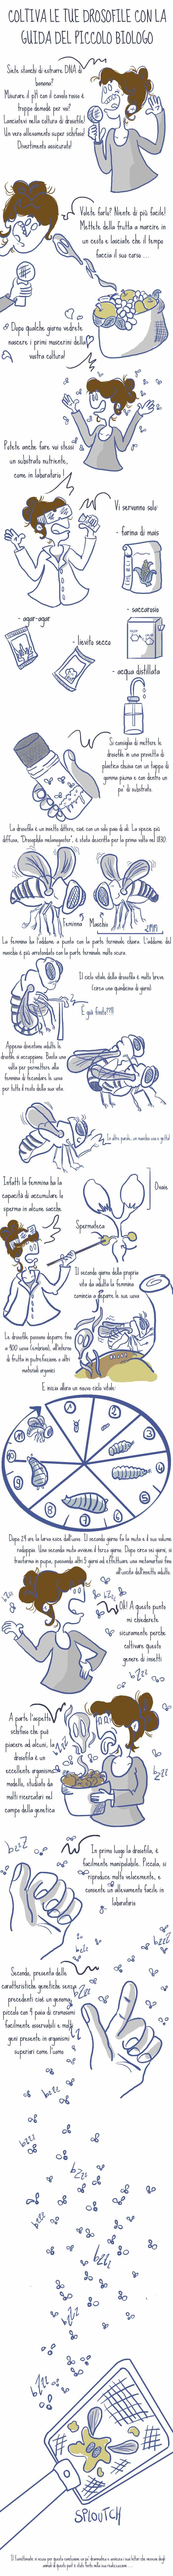 drosofila